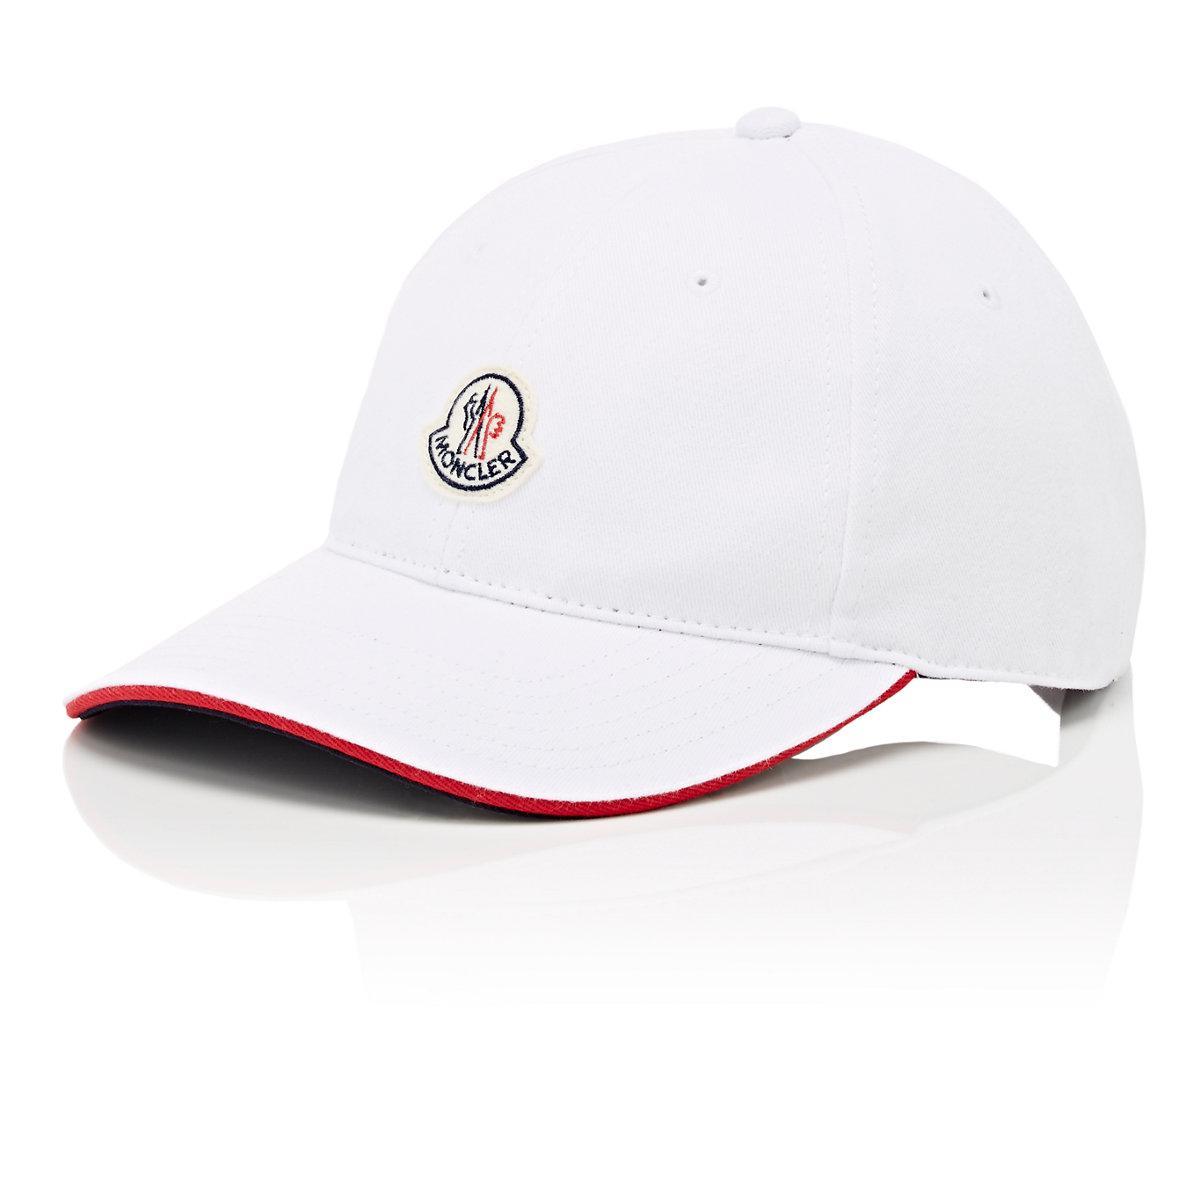 6c959e7ba44 Moncler Logo Cotton Twill Baseball Cap in White for Men - Lyst